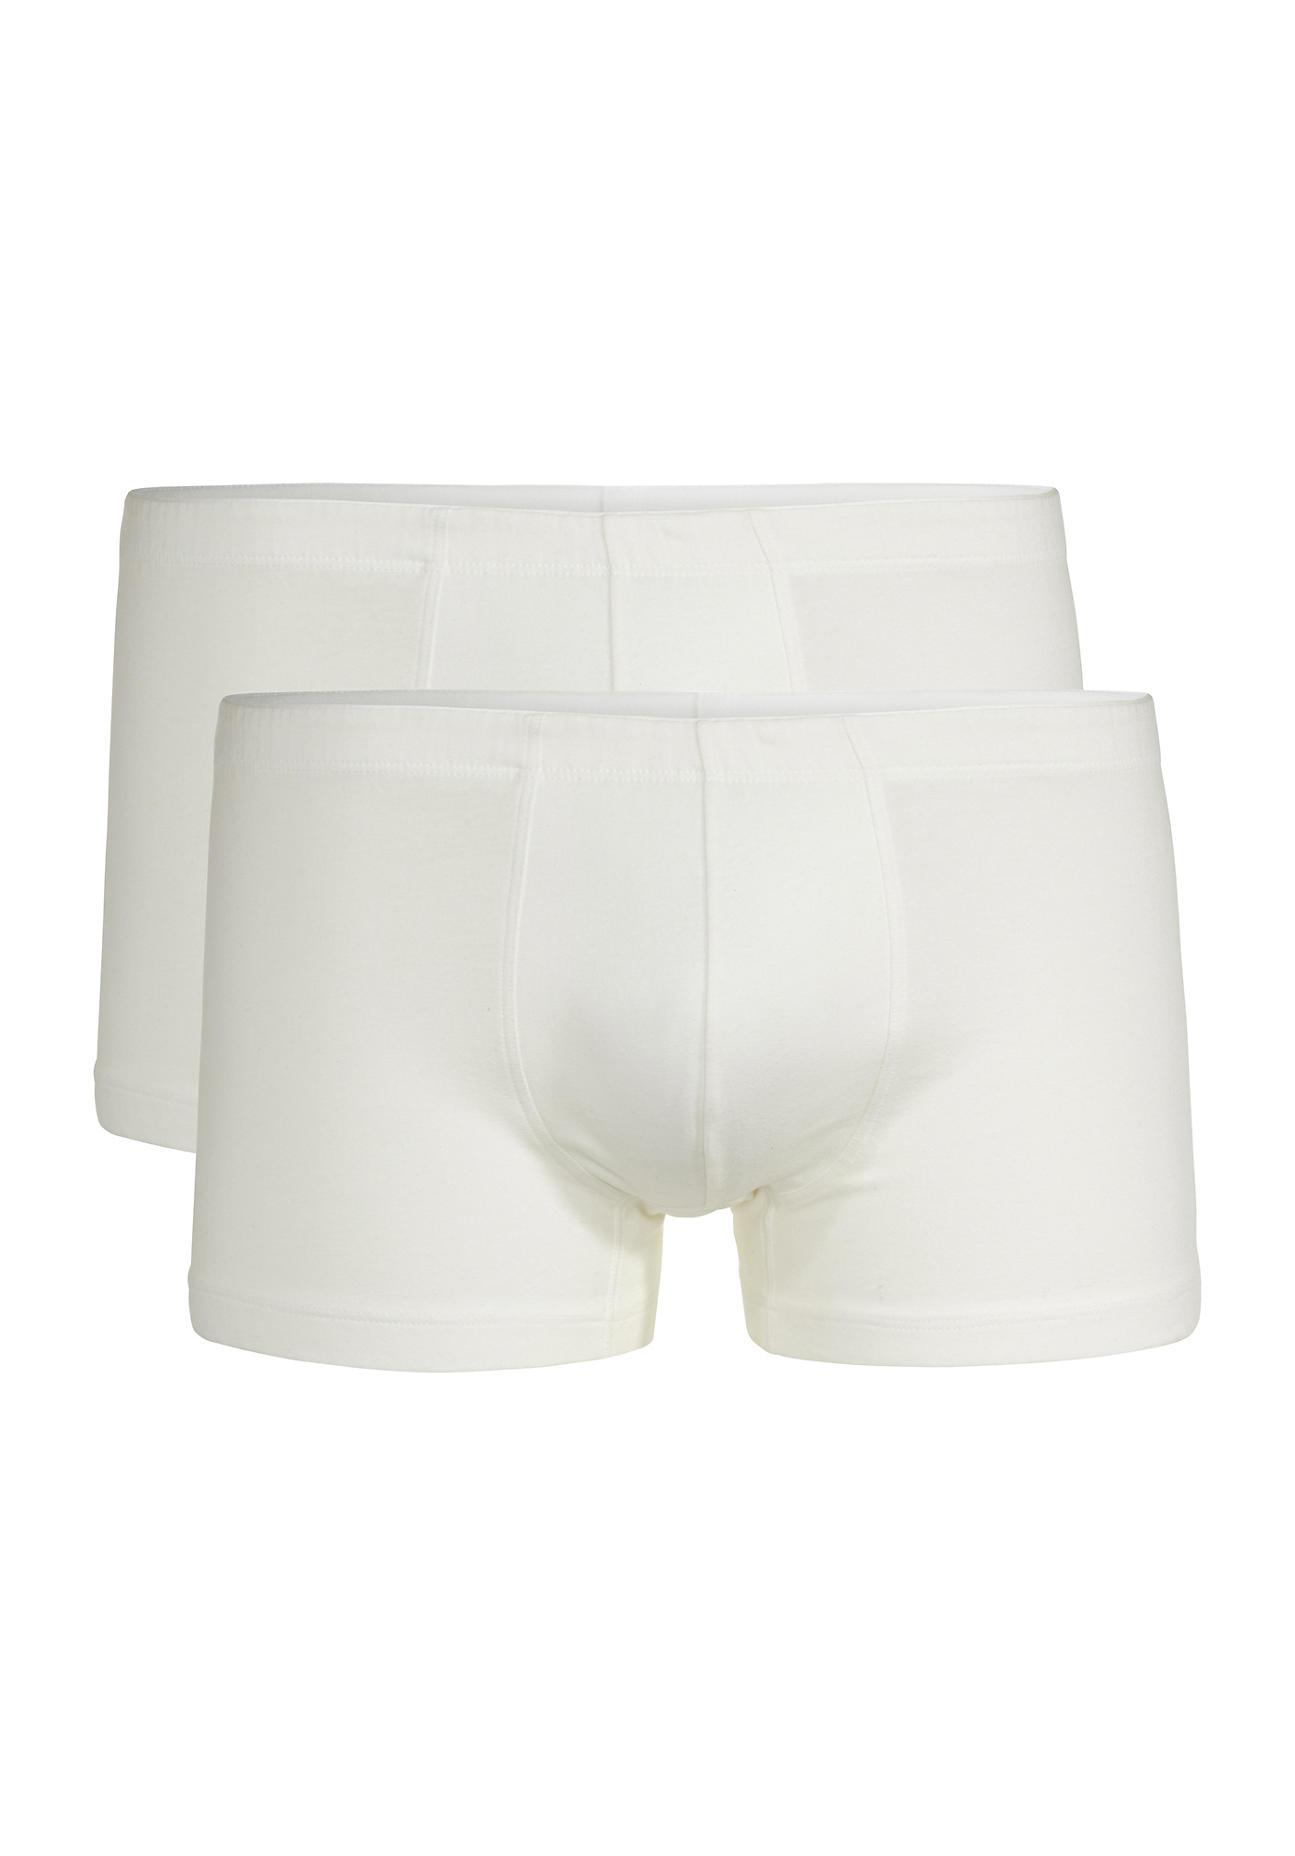 hessnatur Herren Pants PureLUX im 2er Set aus Bio-Baumwolle – weiß – Größe 4